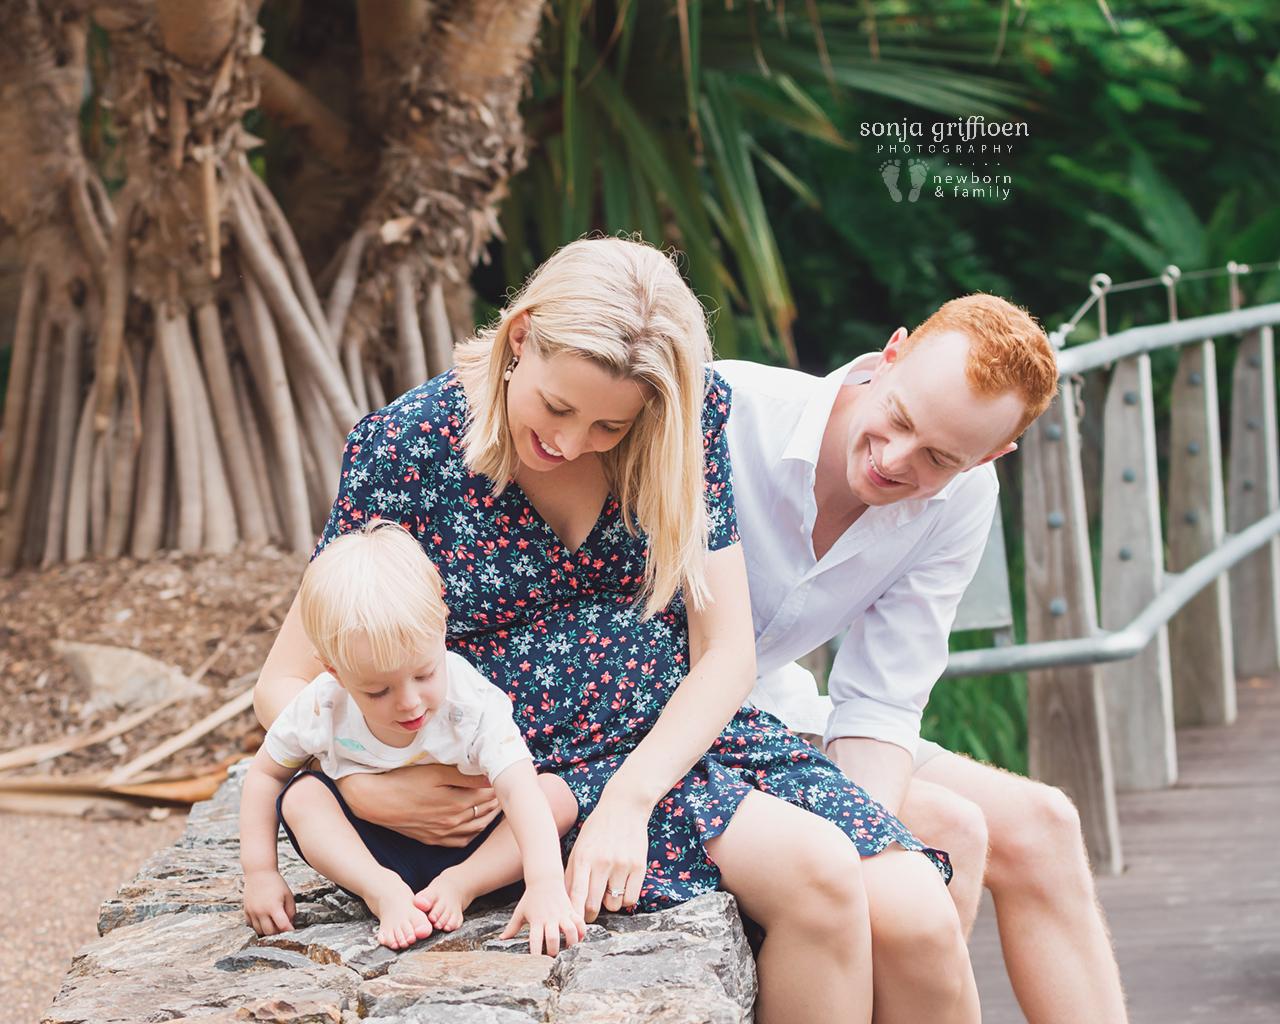 Kim-Maternity-Brisbane-Newborn-Photographer-Sonja-Griffioen-121.jpg